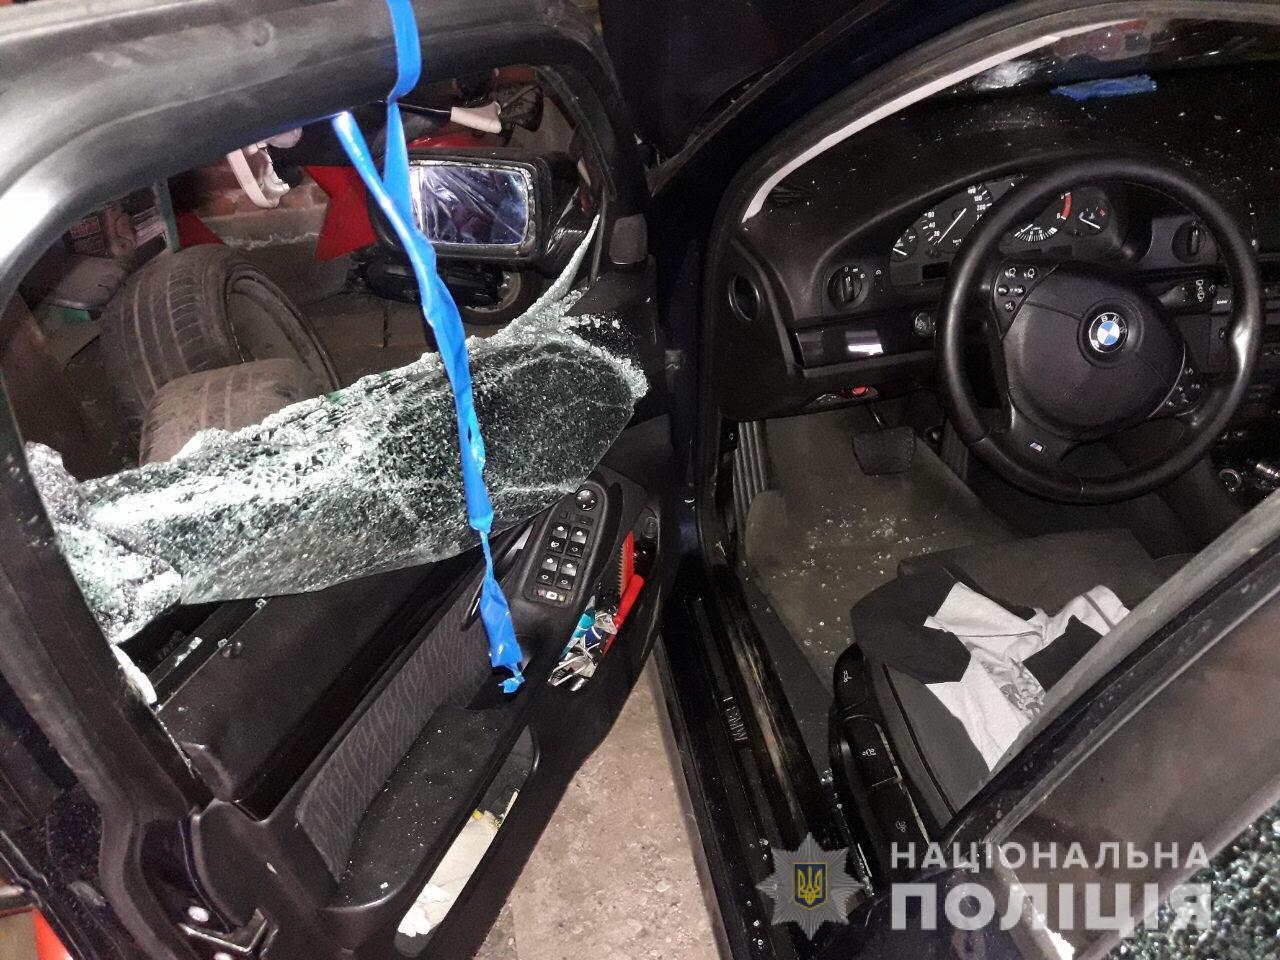 У Хусті п'яний чоловік жбурлявся камінням у припарковане авто та вікно магазину (ФОТО)